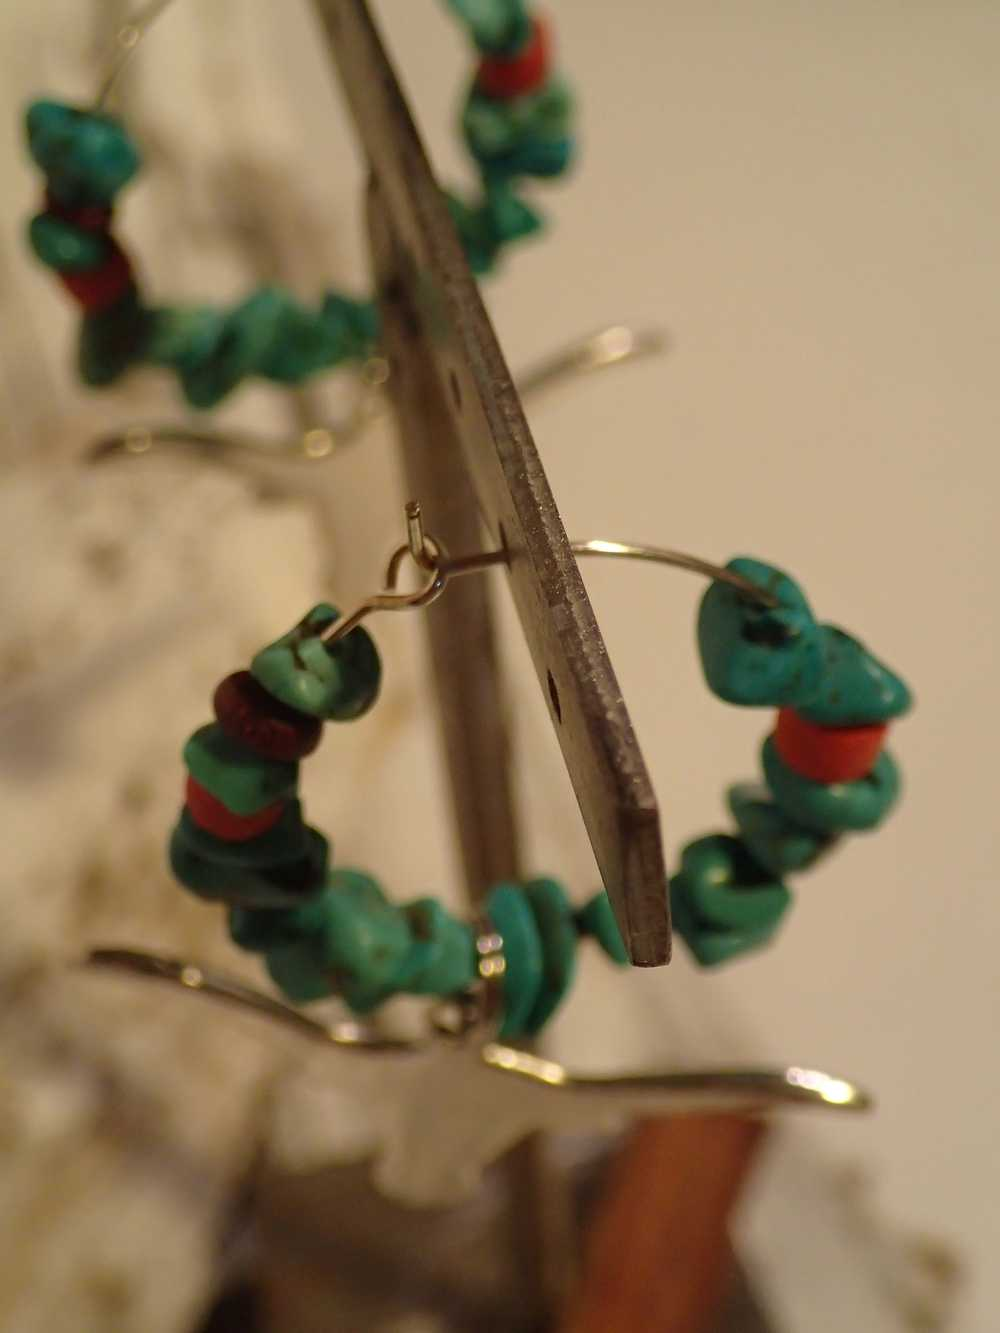 Atome-Crochu-_-product-_-boucles-doreilles-creole-avec-turquoises-et-tete-de-buffle-03